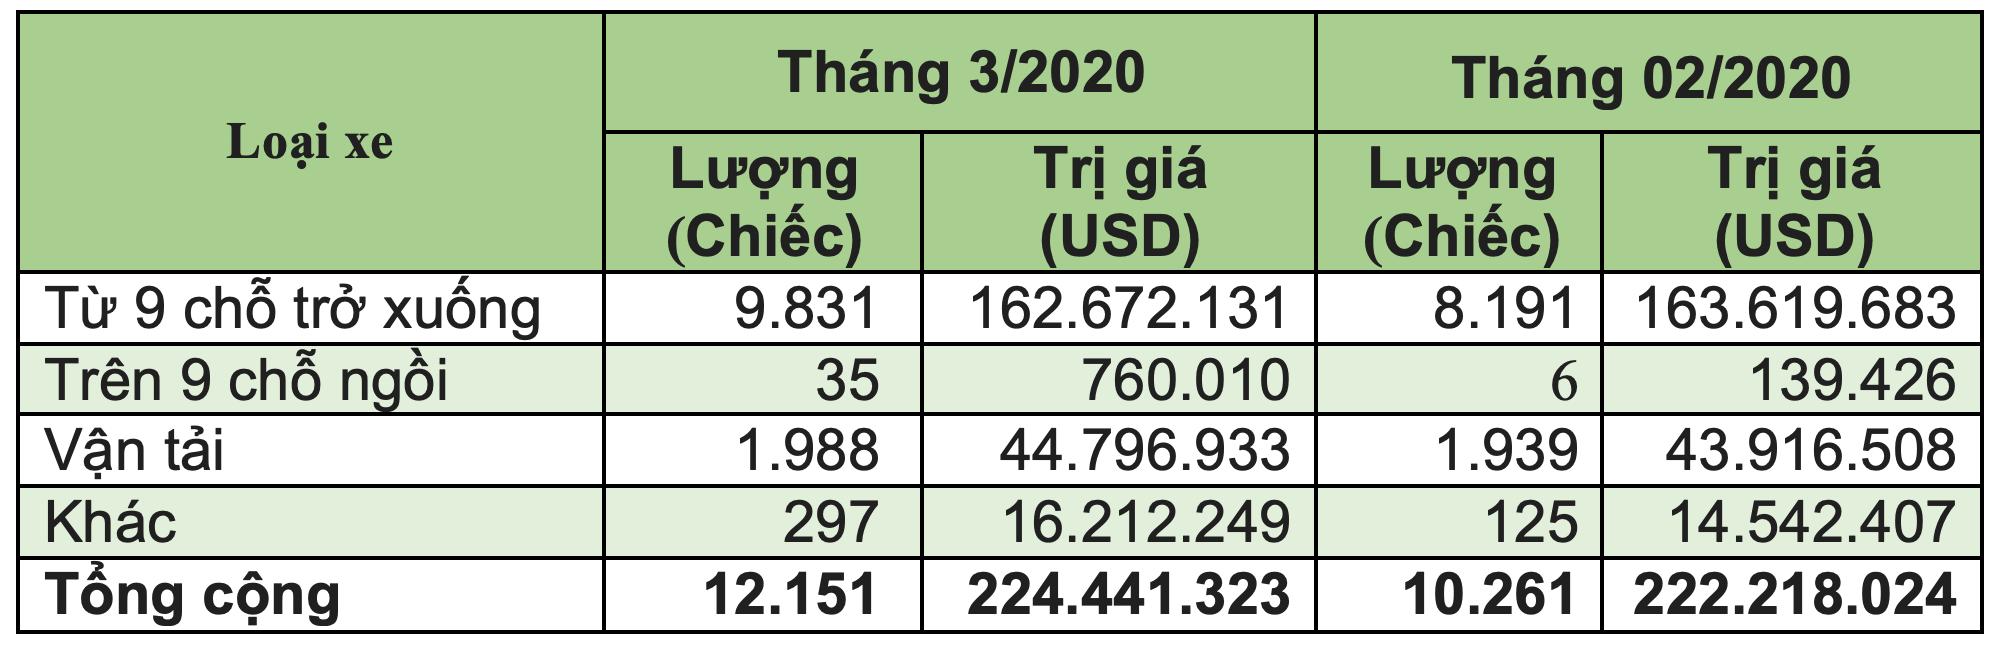 Việt Nam nhập khẩu xe từ Indonesia nhiều hơn từ Thái Lan - 4